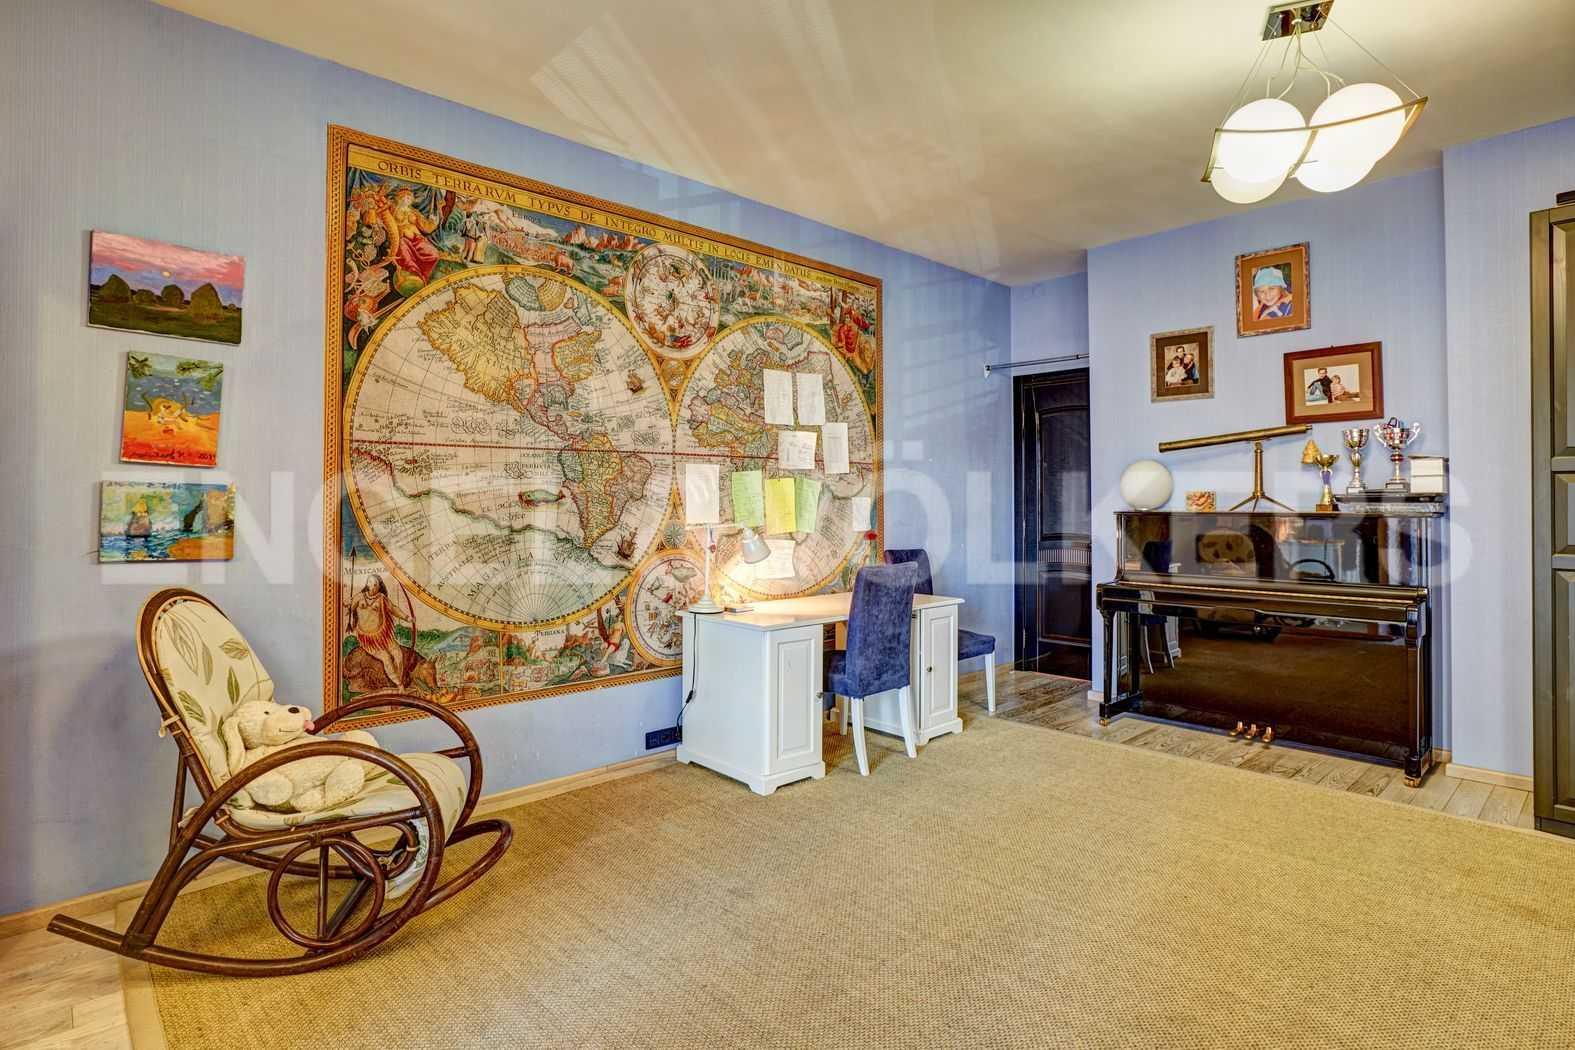 Элитные квартиры в Петроградском районе. Санкт-Петербург, Песочная наб. 18. Детская комната (или вторая спальня)